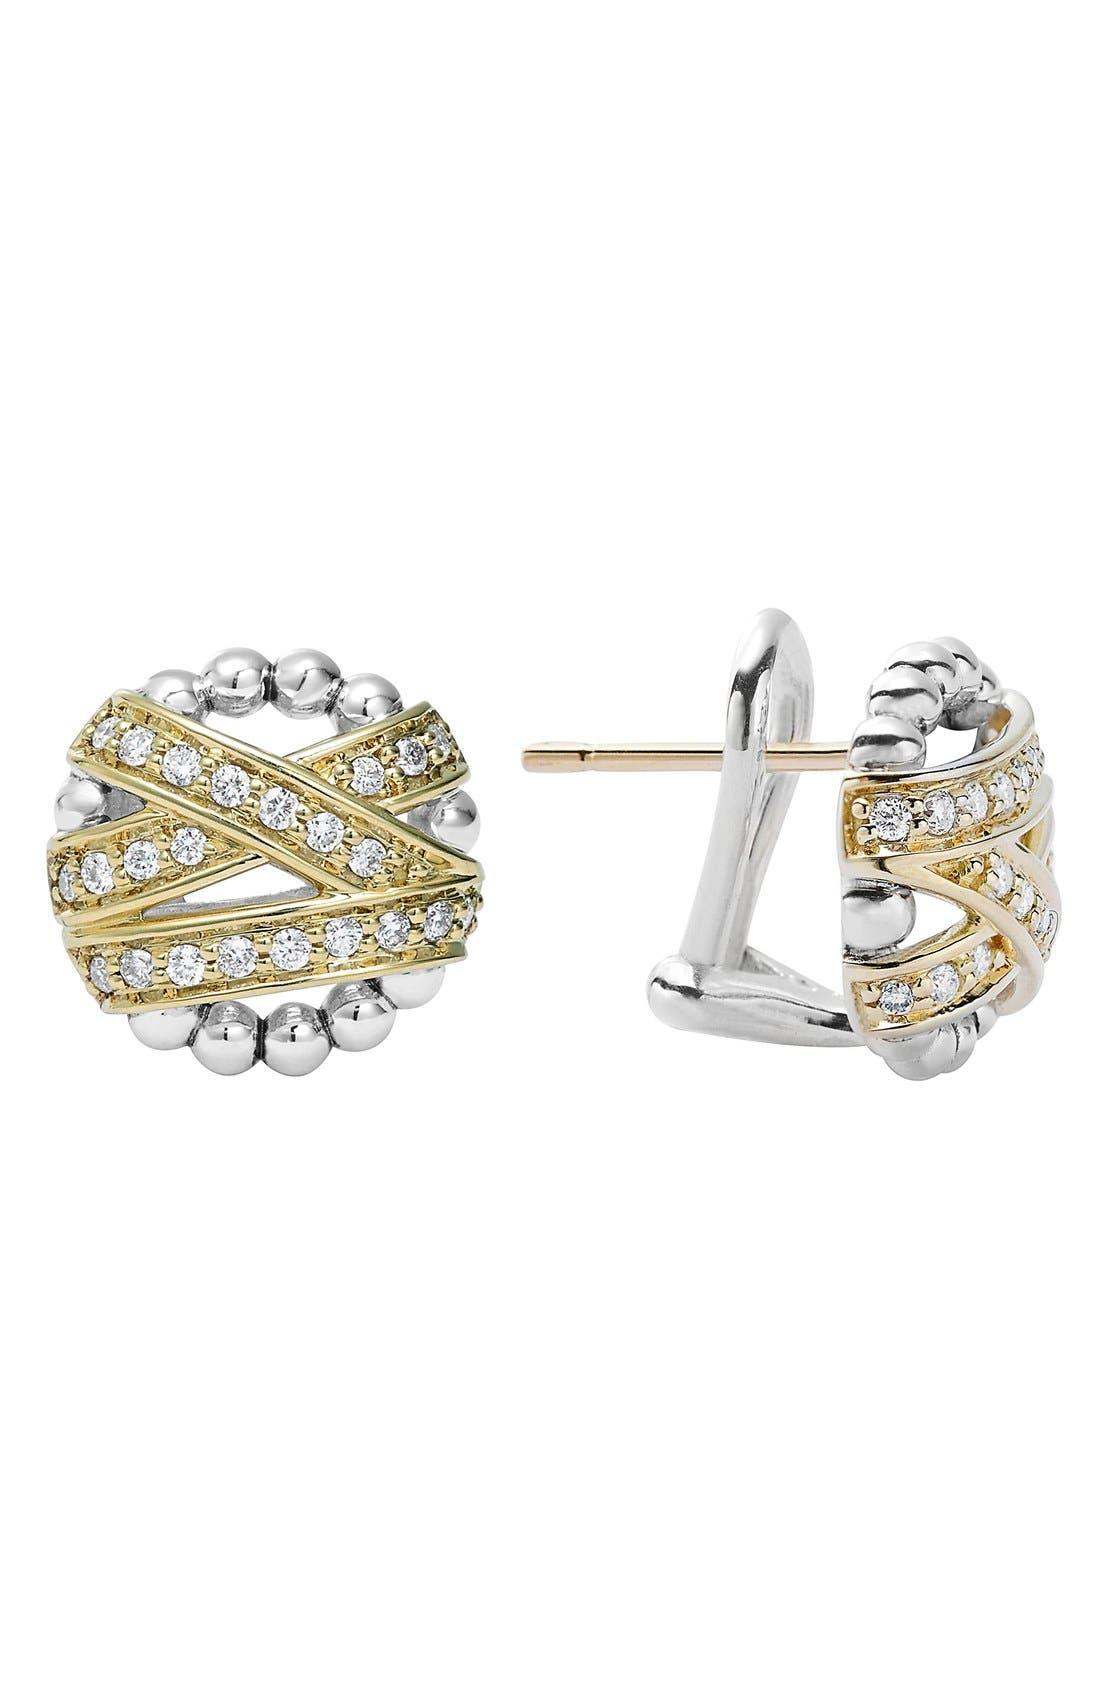 Main Image - LAGOS 'Diamonds & Caviar' Diamond Stud Earrings